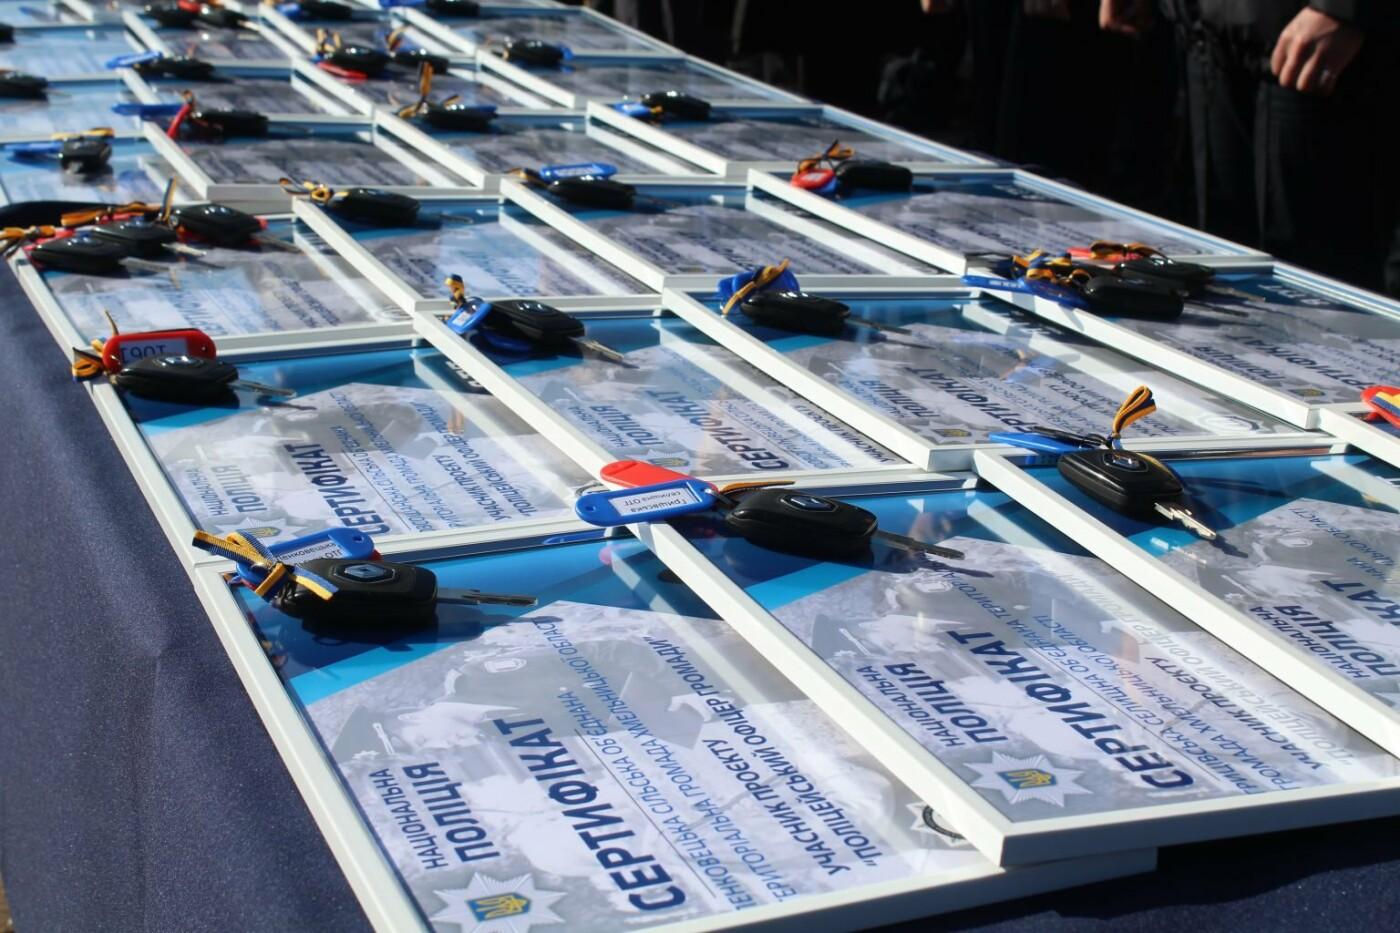 Поліцейські офіцери громади Кам'янеччини отримали службові автомобілі, фото-3, Фото: Хмельницька ОДА